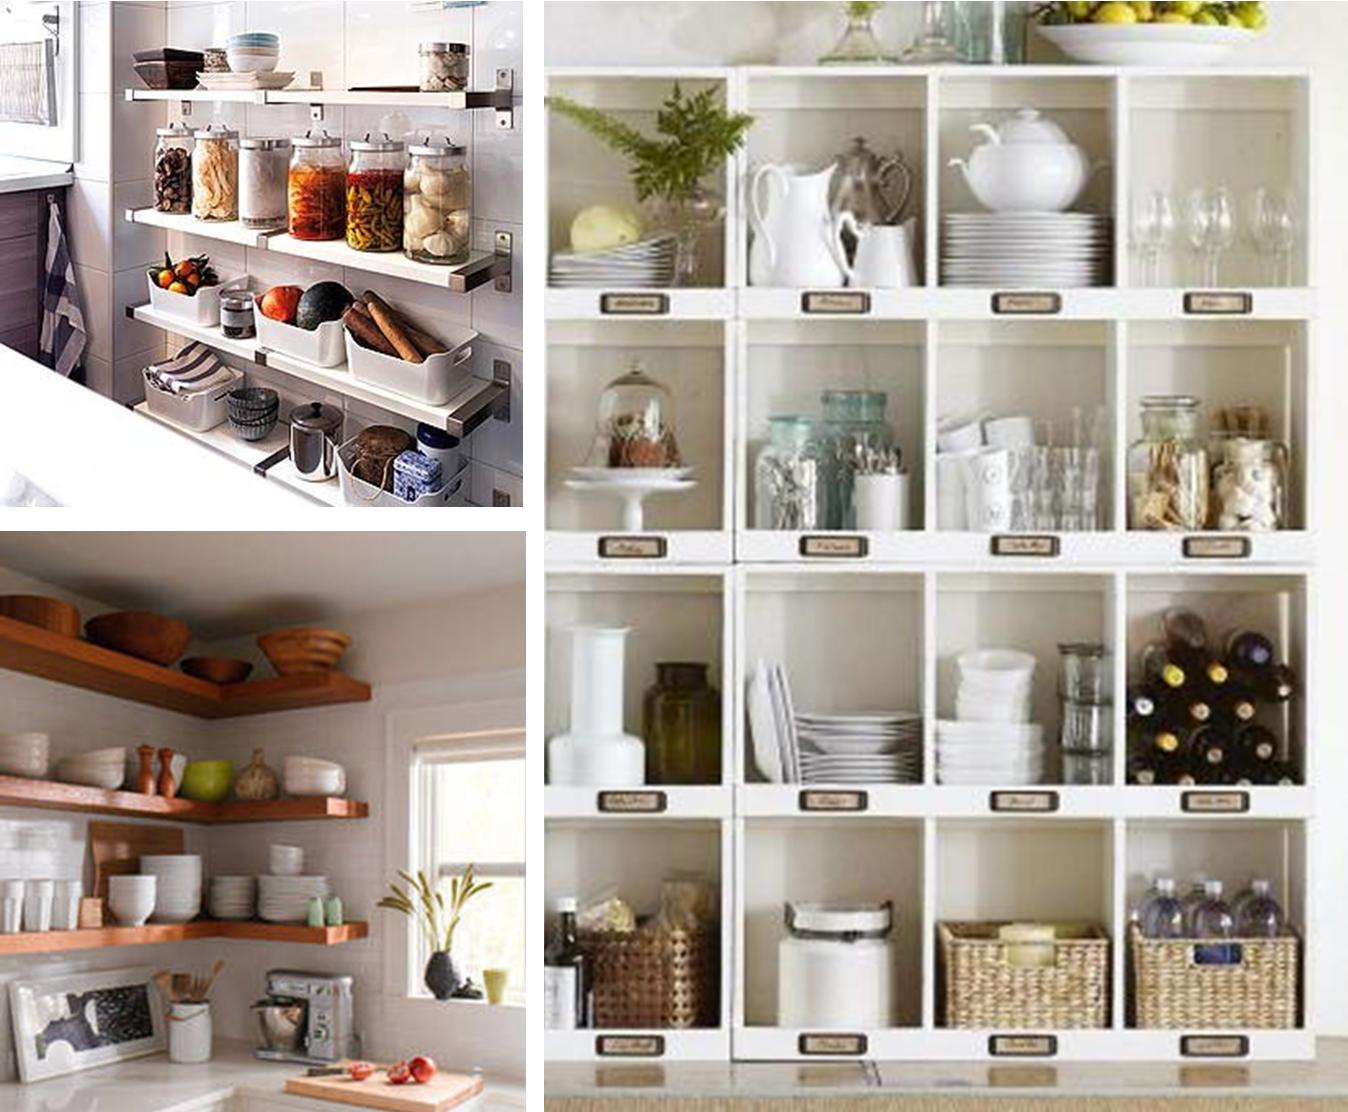 Ideas muebles de cocina for Ideas muebles